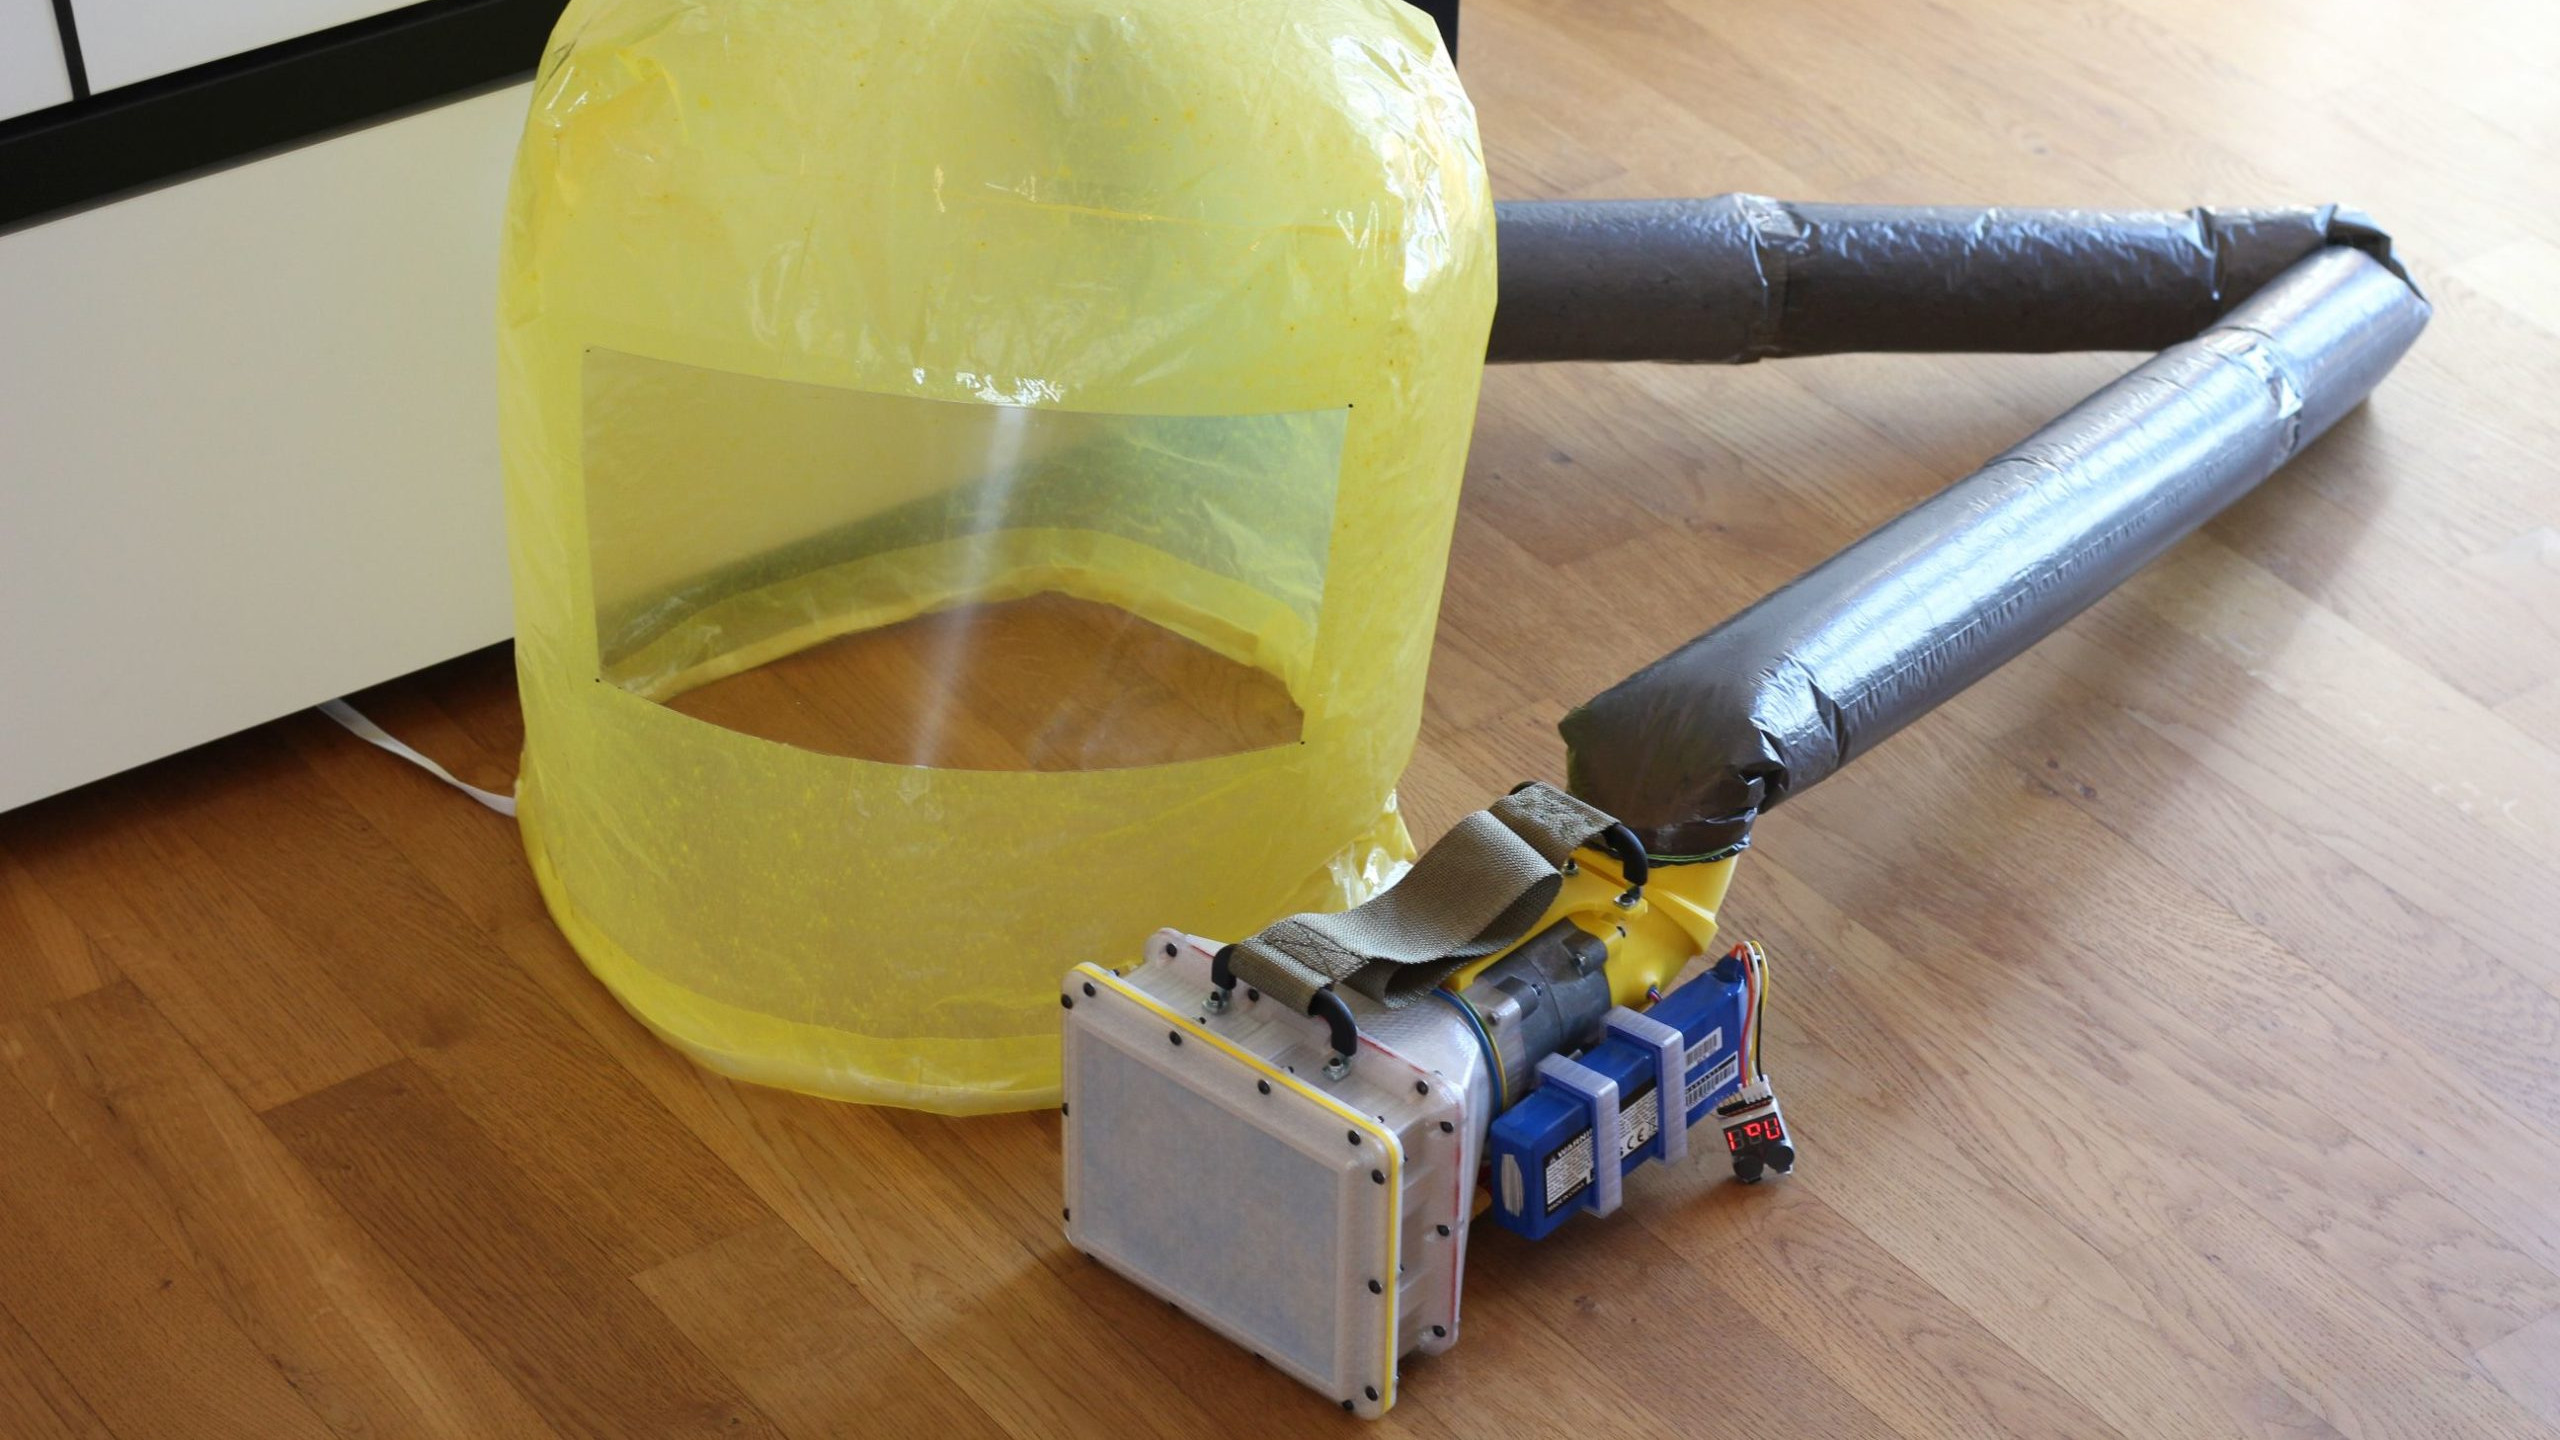 Terno de pressão positiva filtrada DIY mostra fino acabamento 9